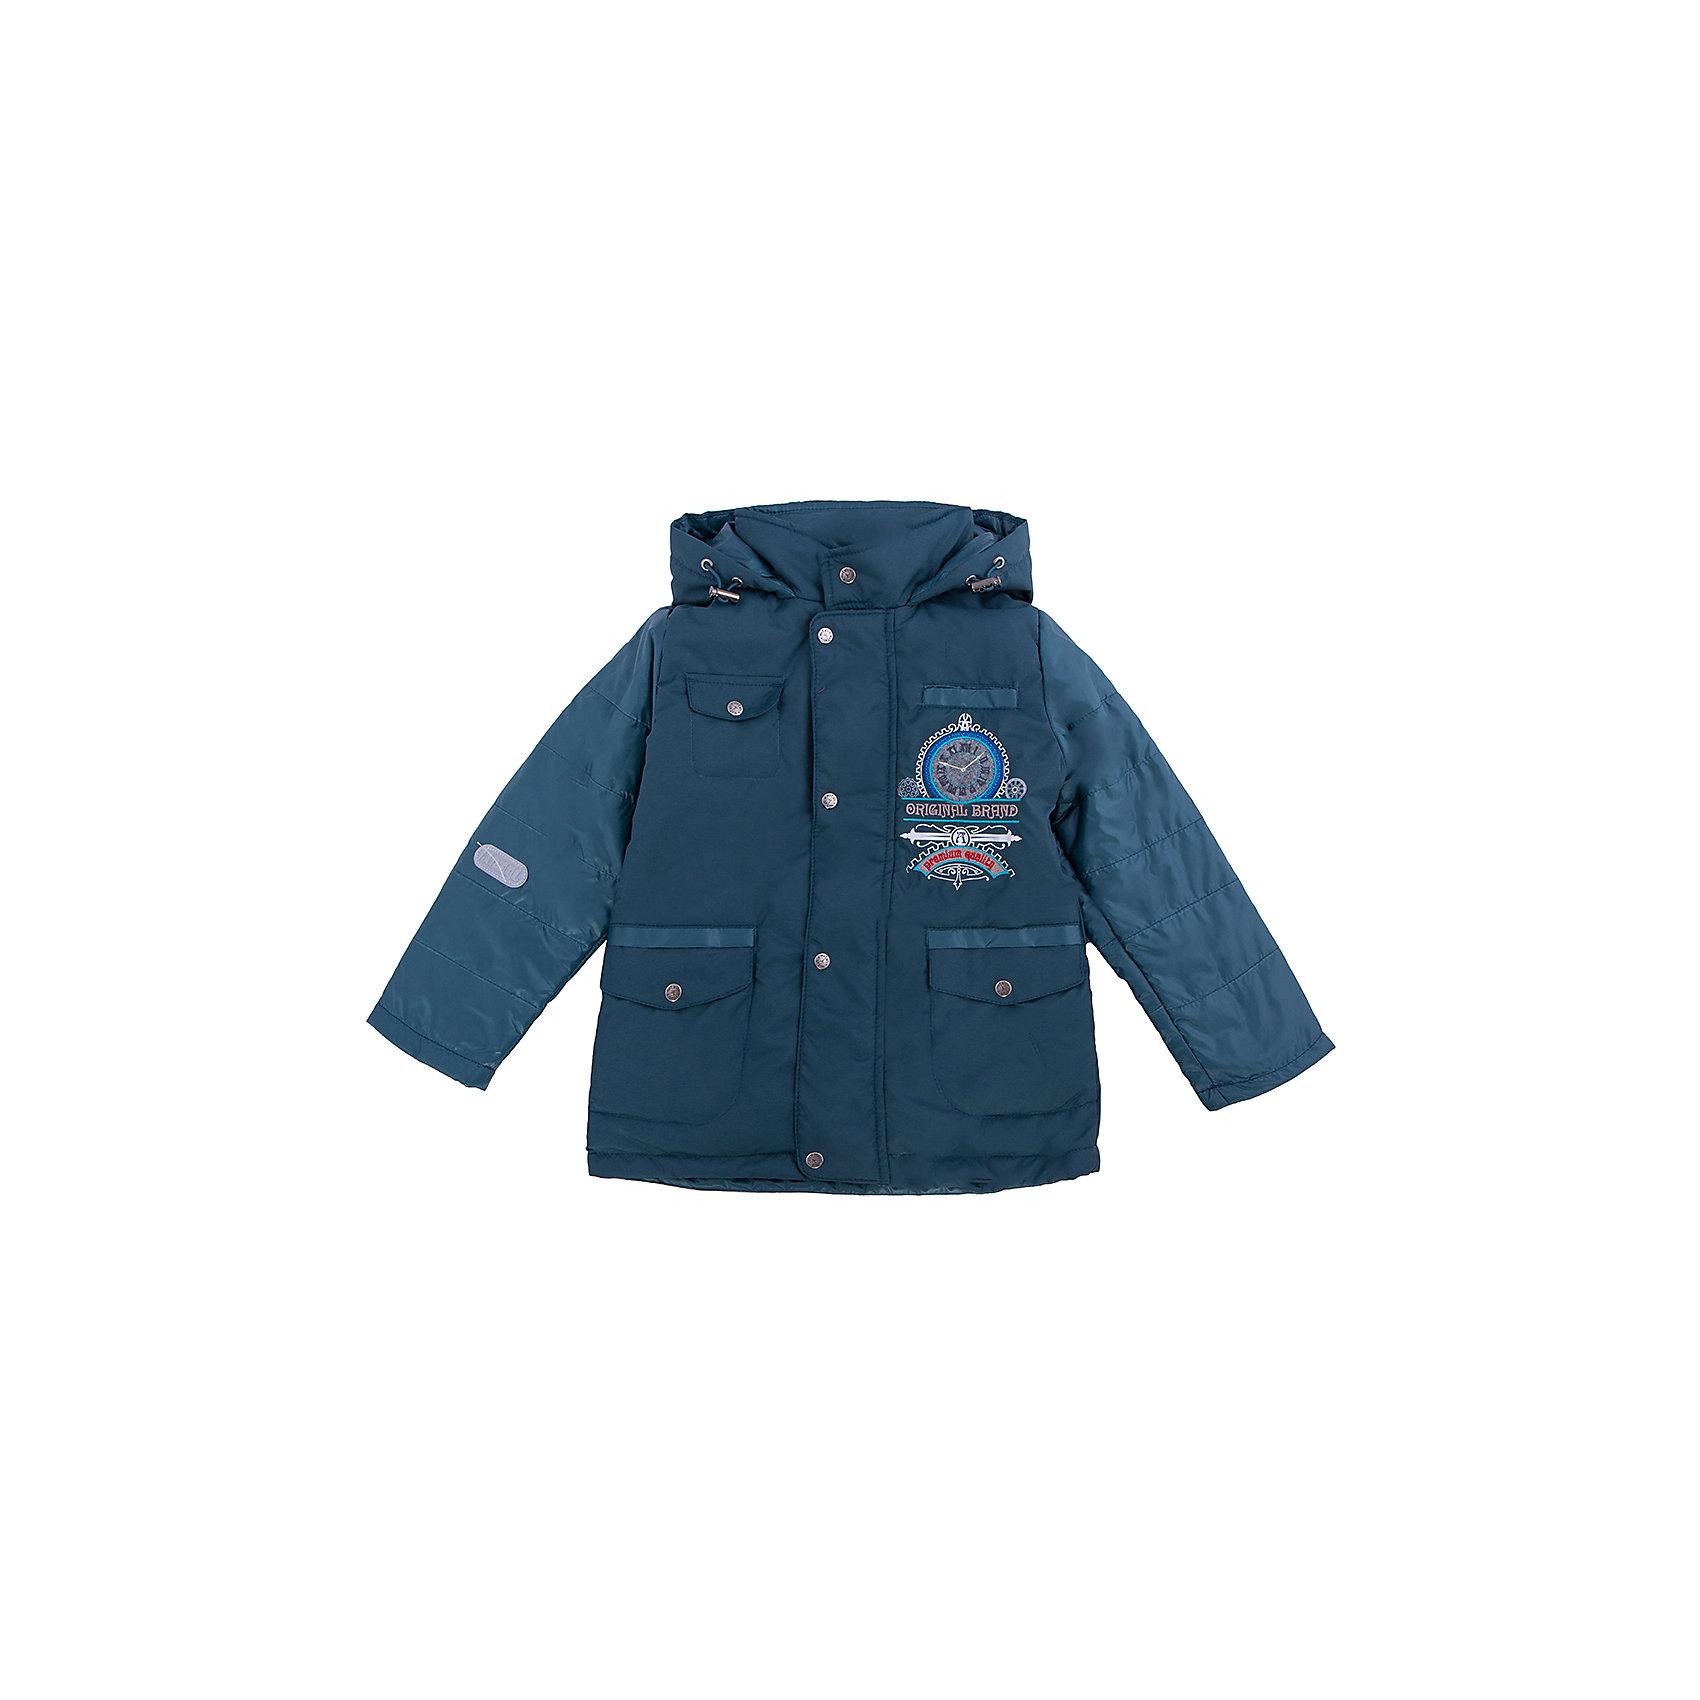 Куртка для мальчика АртельКуртка для мальчика от торговой марки Артель &#13;<br>&#13;<br>Утепленная куртка позволит ребенку чувствовать себя комфортно даже в холодную погоду. Сделана она из качественных материалов, поэтому может прослужить не один сезон. Практичная и удобная вещь.<br>Одежда от бренда Артель – это высокое качество по приемлемой цене и всегда продуманный дизайн. &#13;<br>&#13;<br>Особенности модели: &#13;<br>- цвет - зеленый;&#13;<br>- наличие карманов;&#13;<br>- капюшон;<br>- утеплитель;&#13;<br>- украшена вышивкой;&#13;<br>- застежка-молния под клапаном на кнопках.&#13;<br>&#13;<br>Дополнительная информация:&#13;<br>&#13;<br>Состав: &#13;<br>- верх: FITSYSTEM;<br>- подкладка: тиси;<br>- утеплитель: термофайбер 100 г<br>&#13;<br>Температурный режим: &#13;<br>от - 10 °C до + 10 °C&#13;<br>&#13;<br>Куртку для мальчика Артель (Artel) можно купить в нашем магазине.<br><br>Ширина мм: 356<br>Глубина мм: 10<br>Высота мм: 245<br>Вес г: 519<br>Цвет: зеленый<br>Возраст от месяцев: 84<br>Возраст до месяцев: 96<br>Пол: Мужской<br>Возраст: Детский<br>Размер: 128,122,104,110,116<br>SKU: 4496048